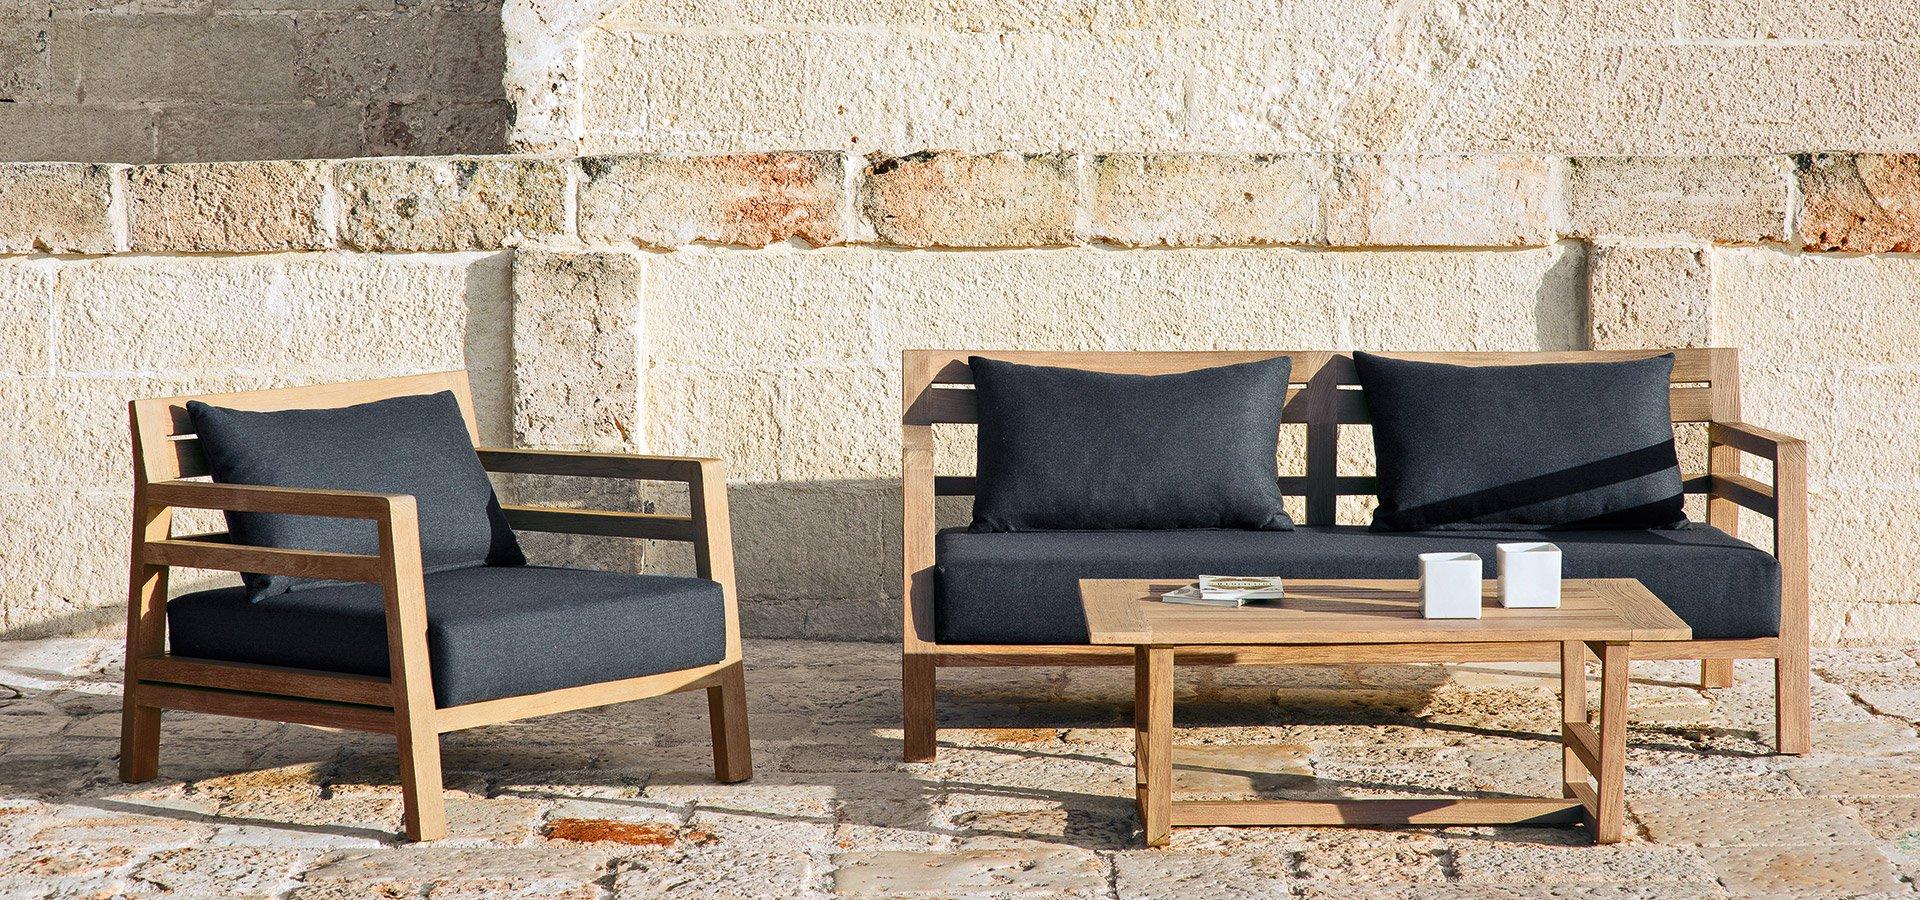 mobili giardino palermo